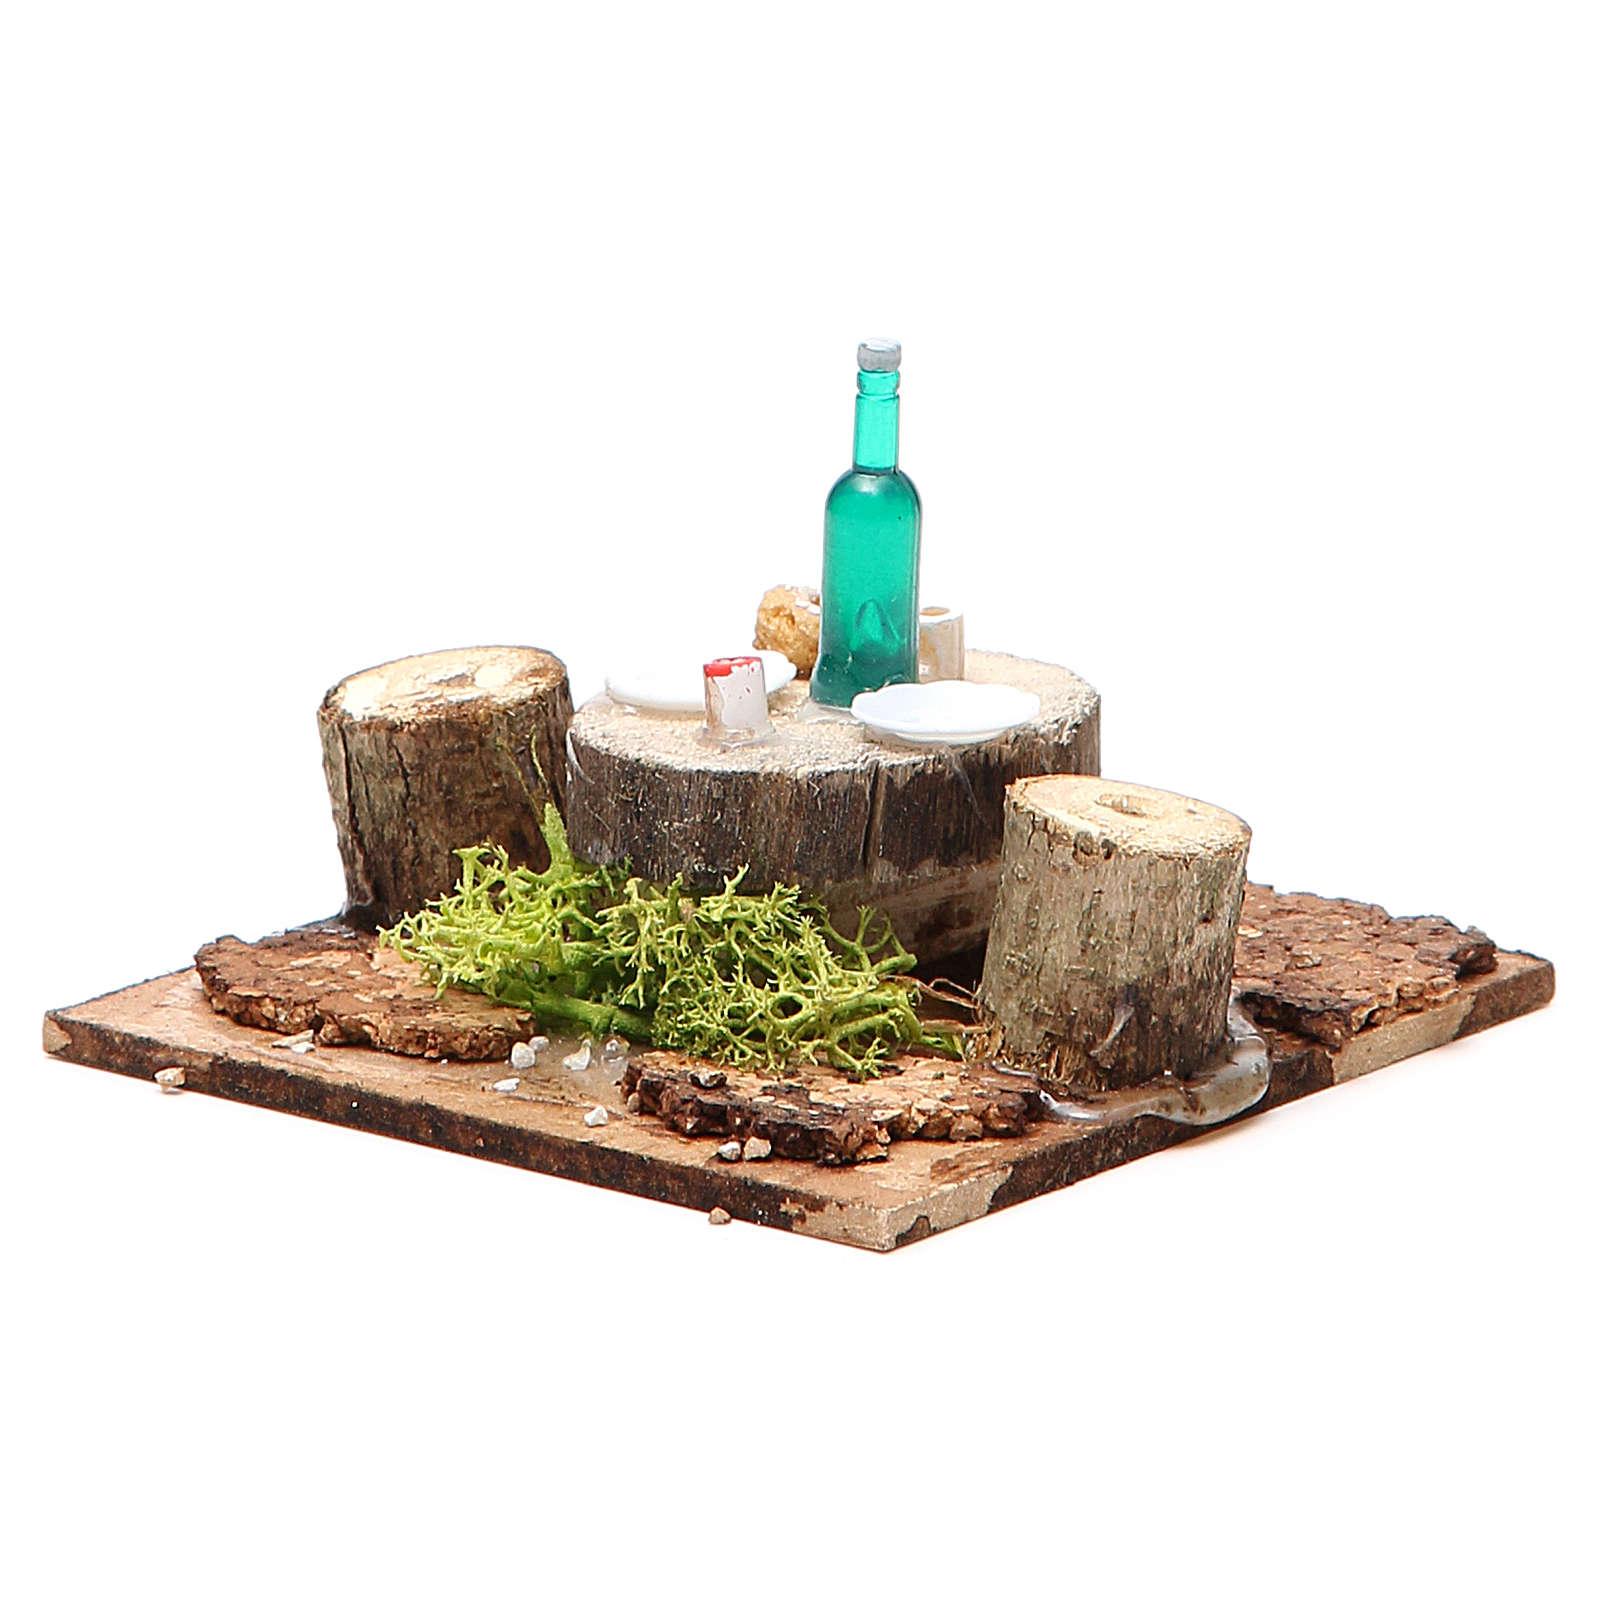 Tavolo in legno su base per presepe 2,5x9x9 cm modelli assortiti 4